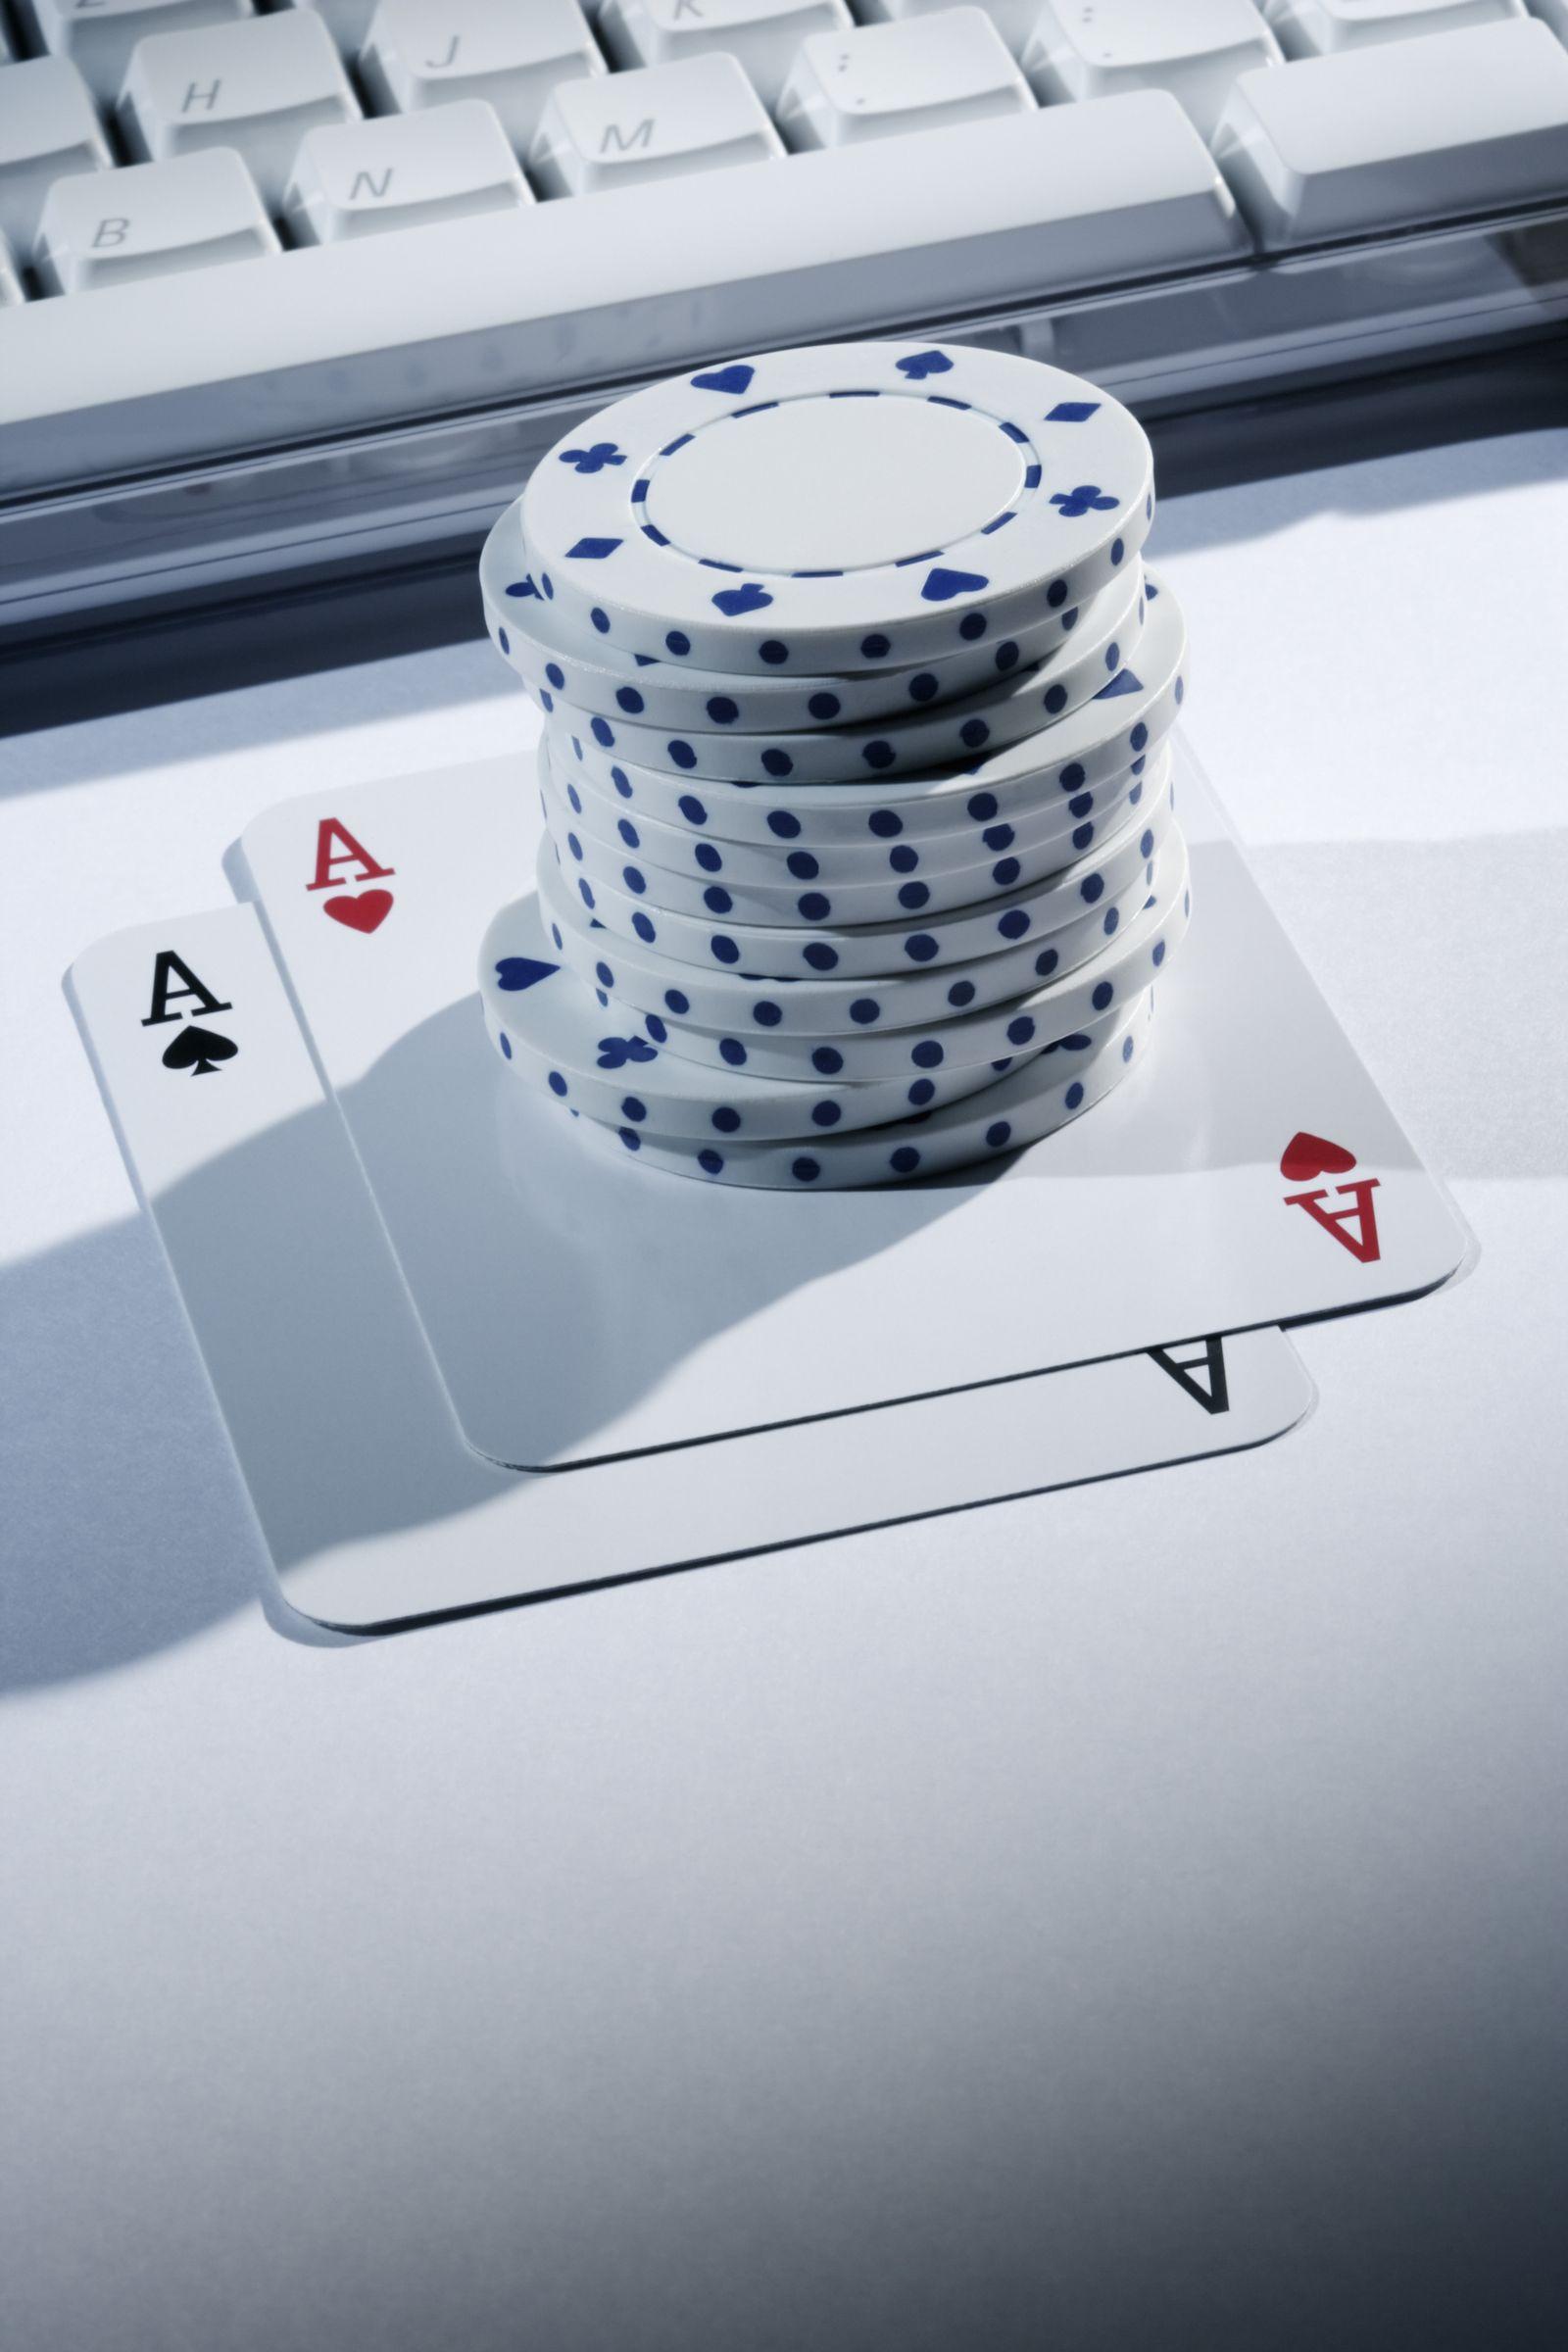 NICHT MEHR VERWENDEN! - Online Poker / Symbolbild